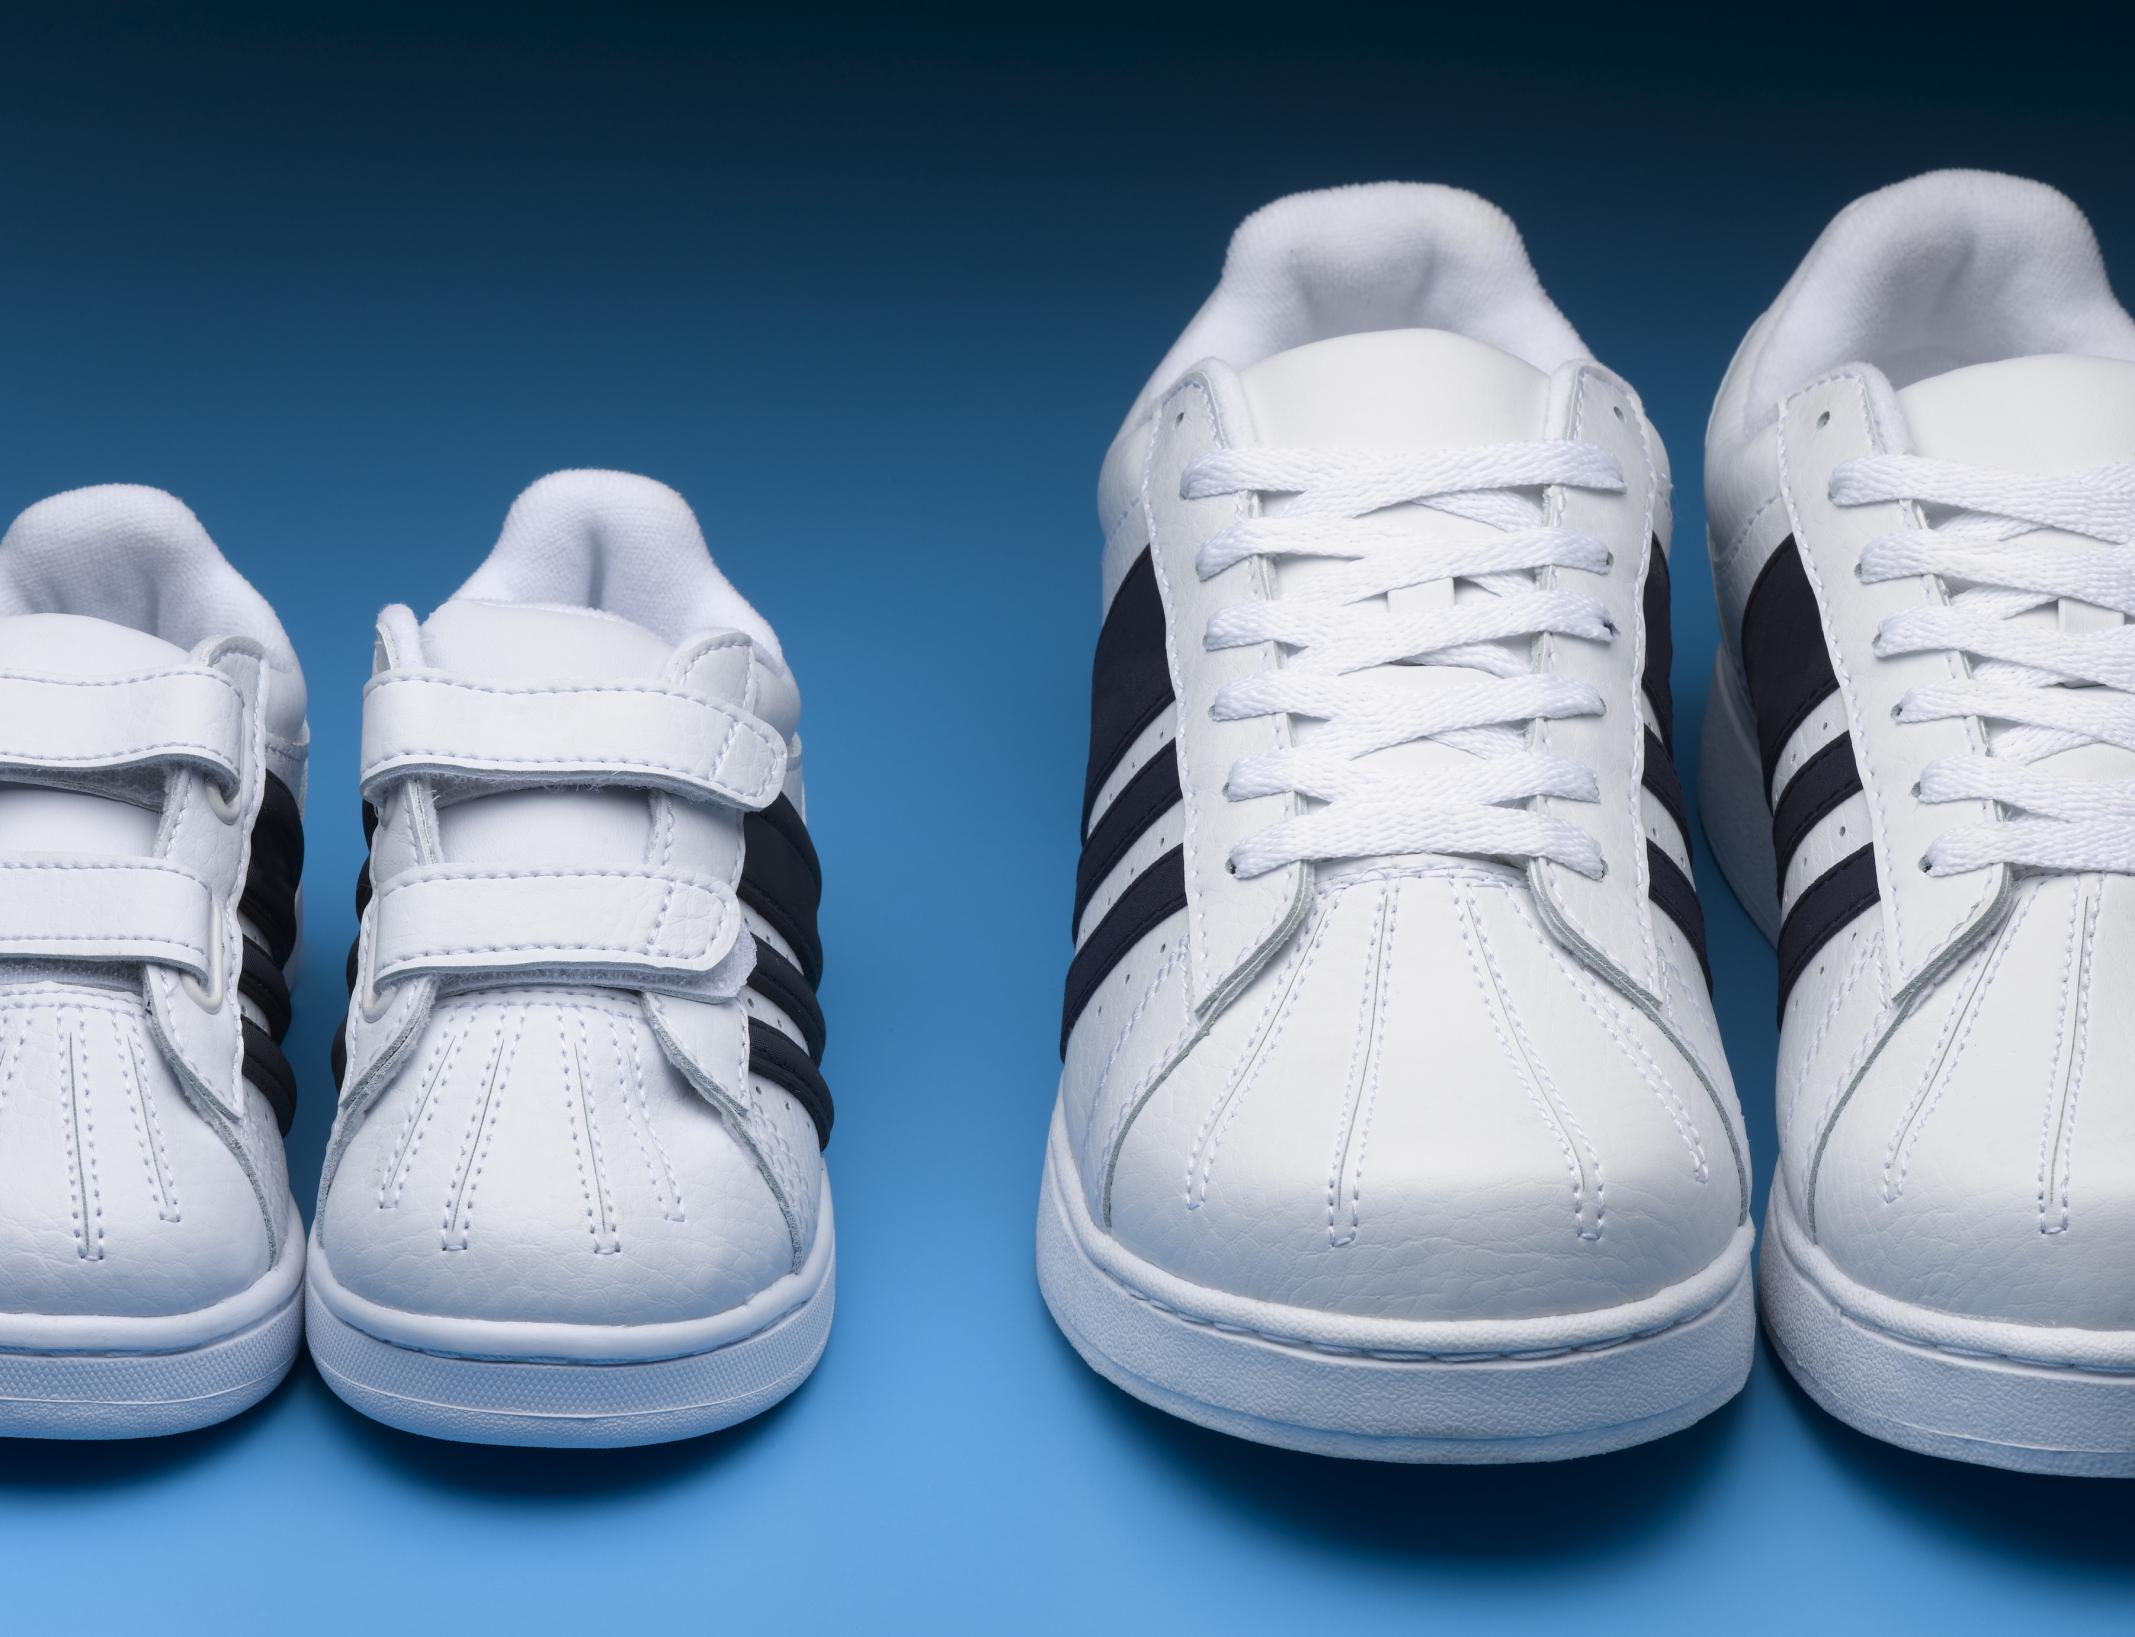 Zapatoso Cordones Los Zapatillas Cómo Esconder De 3jRq54ALc